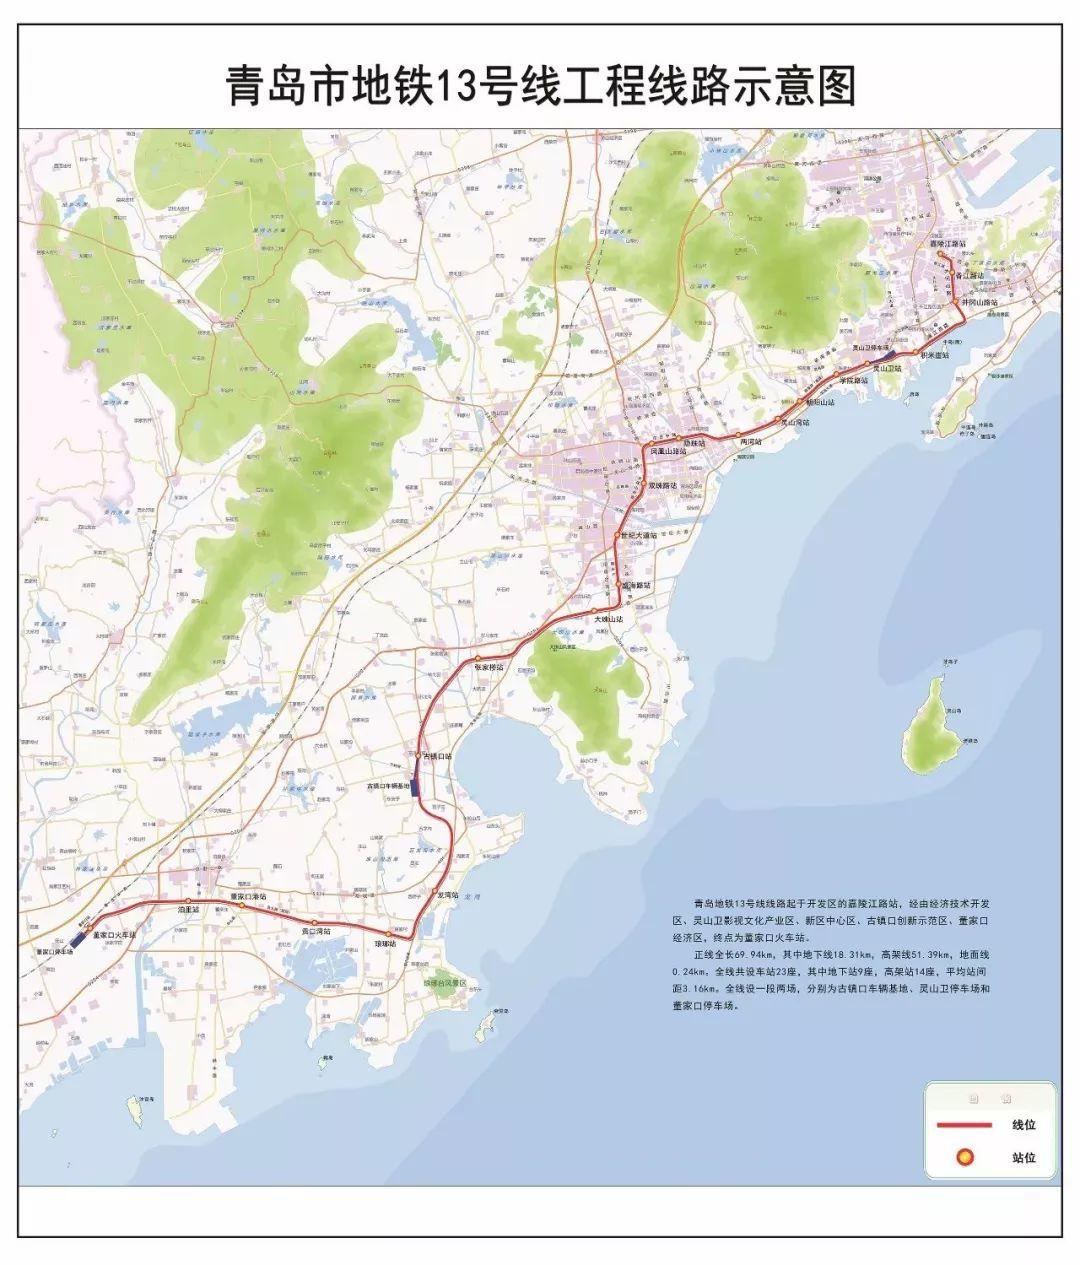 青岛地铁13号线最新:全线送电成功!将动车调试(高清效果图)